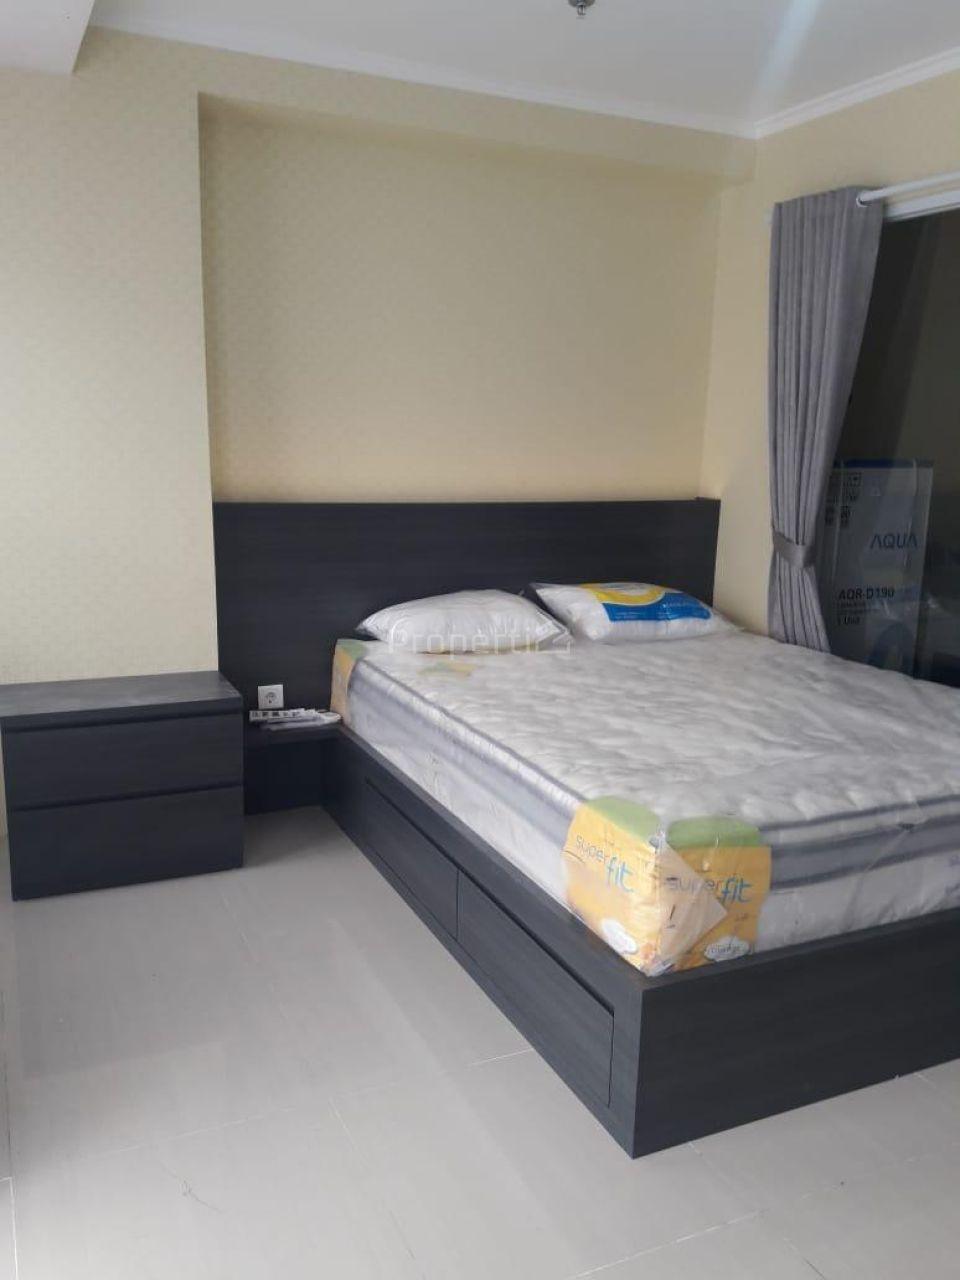 Unit 1 Br Lantai 10 Tower Topaz di Apartemen Gateway Pasteur, Jawa Barat